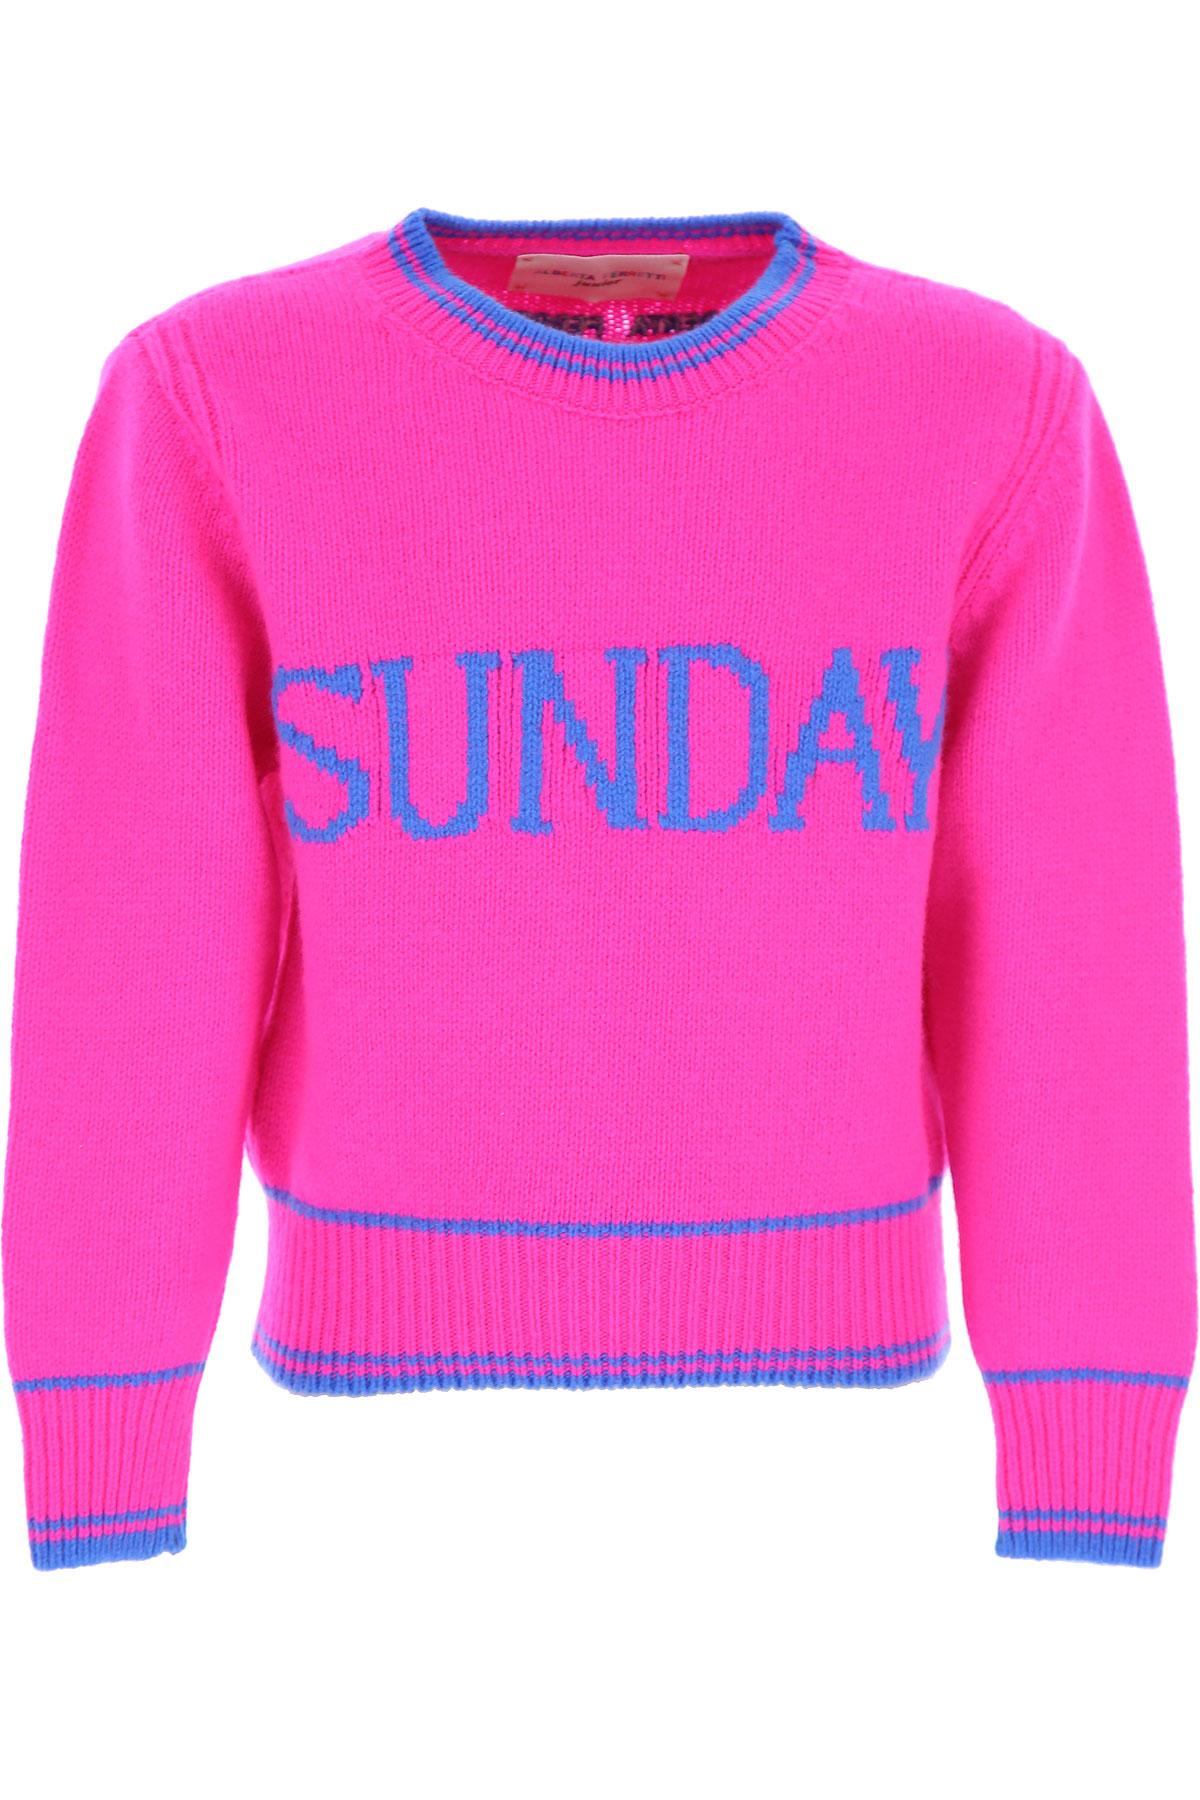 Alberta Ferretti Kids Sweatshirts & Hoodies for Girls On Sale, Fuchsia, Merinos Wool, 2019, 12Y 8Y